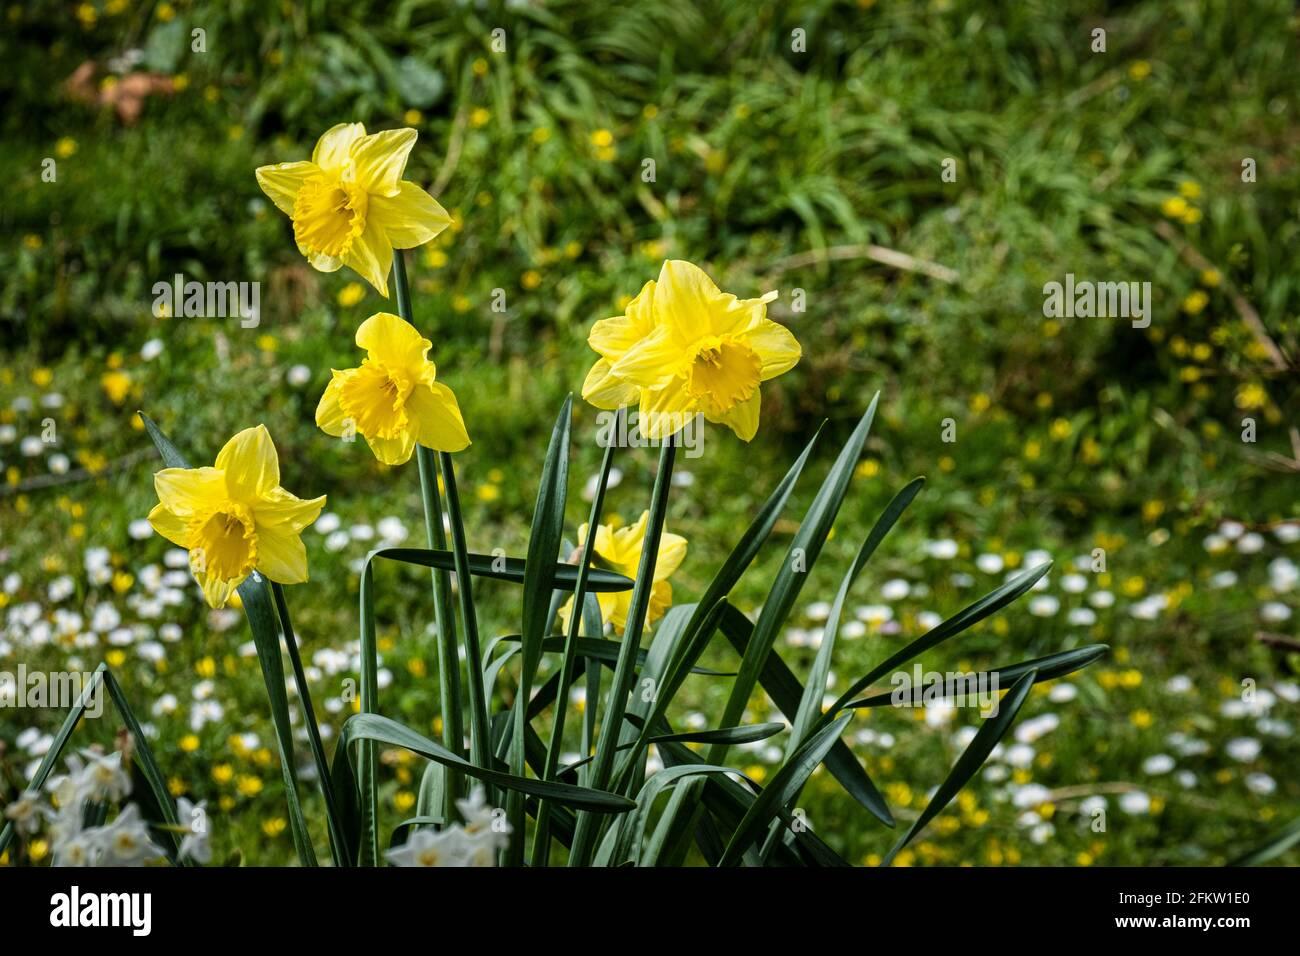 Jonquilles Narcisse croissant dans la campagne. Banque D'Images